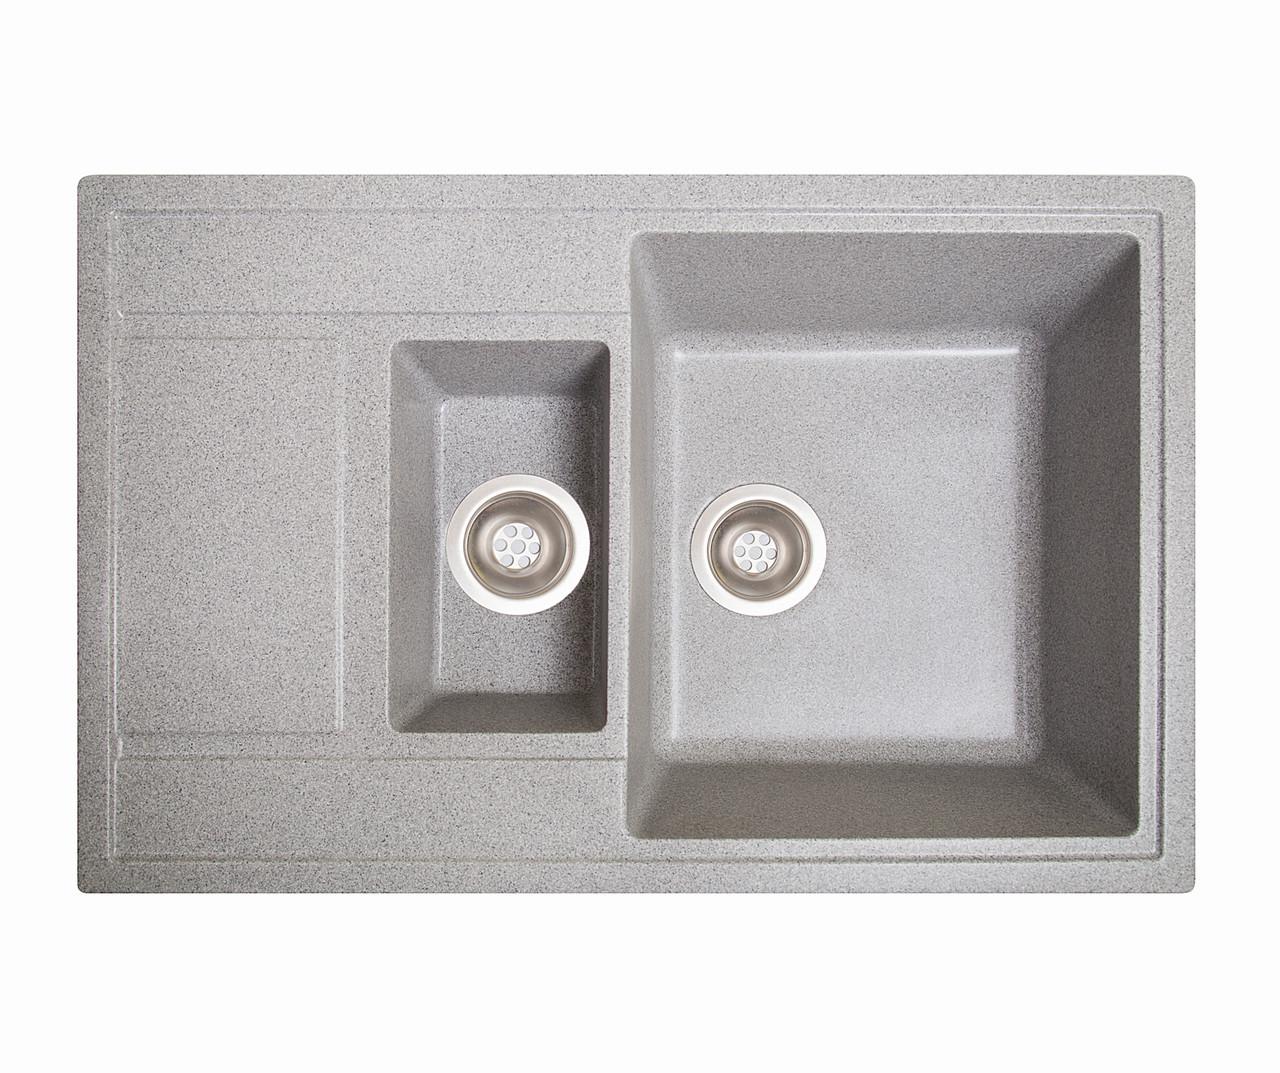 Кухонна мийка гранітна Galati Jorum 78D Seda (601) 3343 сірий